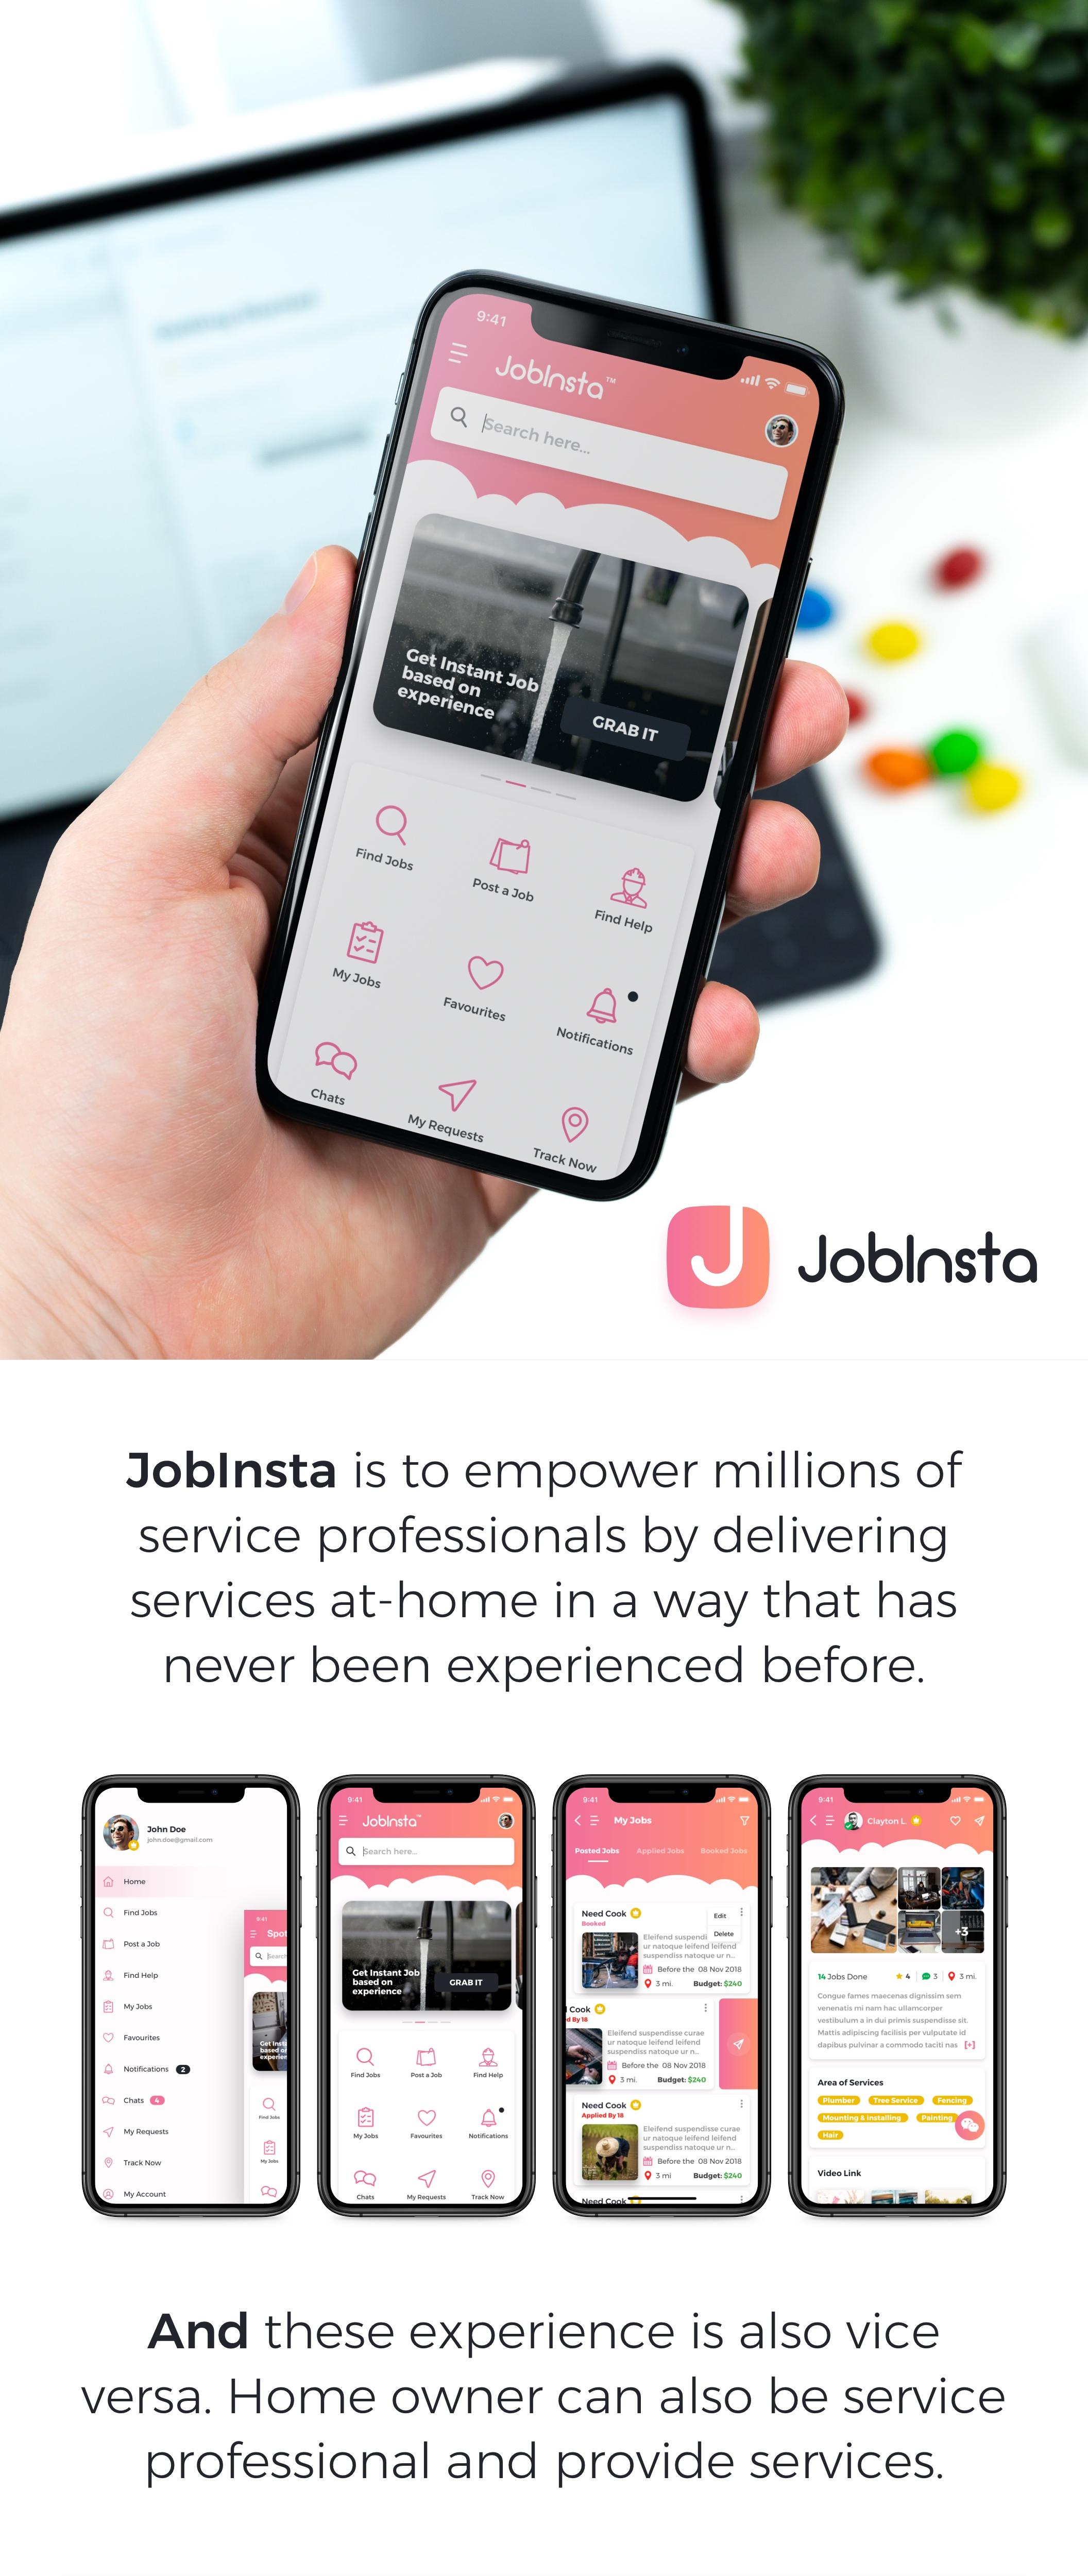 求职家政服务应用APP设计UI套件 JobInsta UI Kit插图(6)